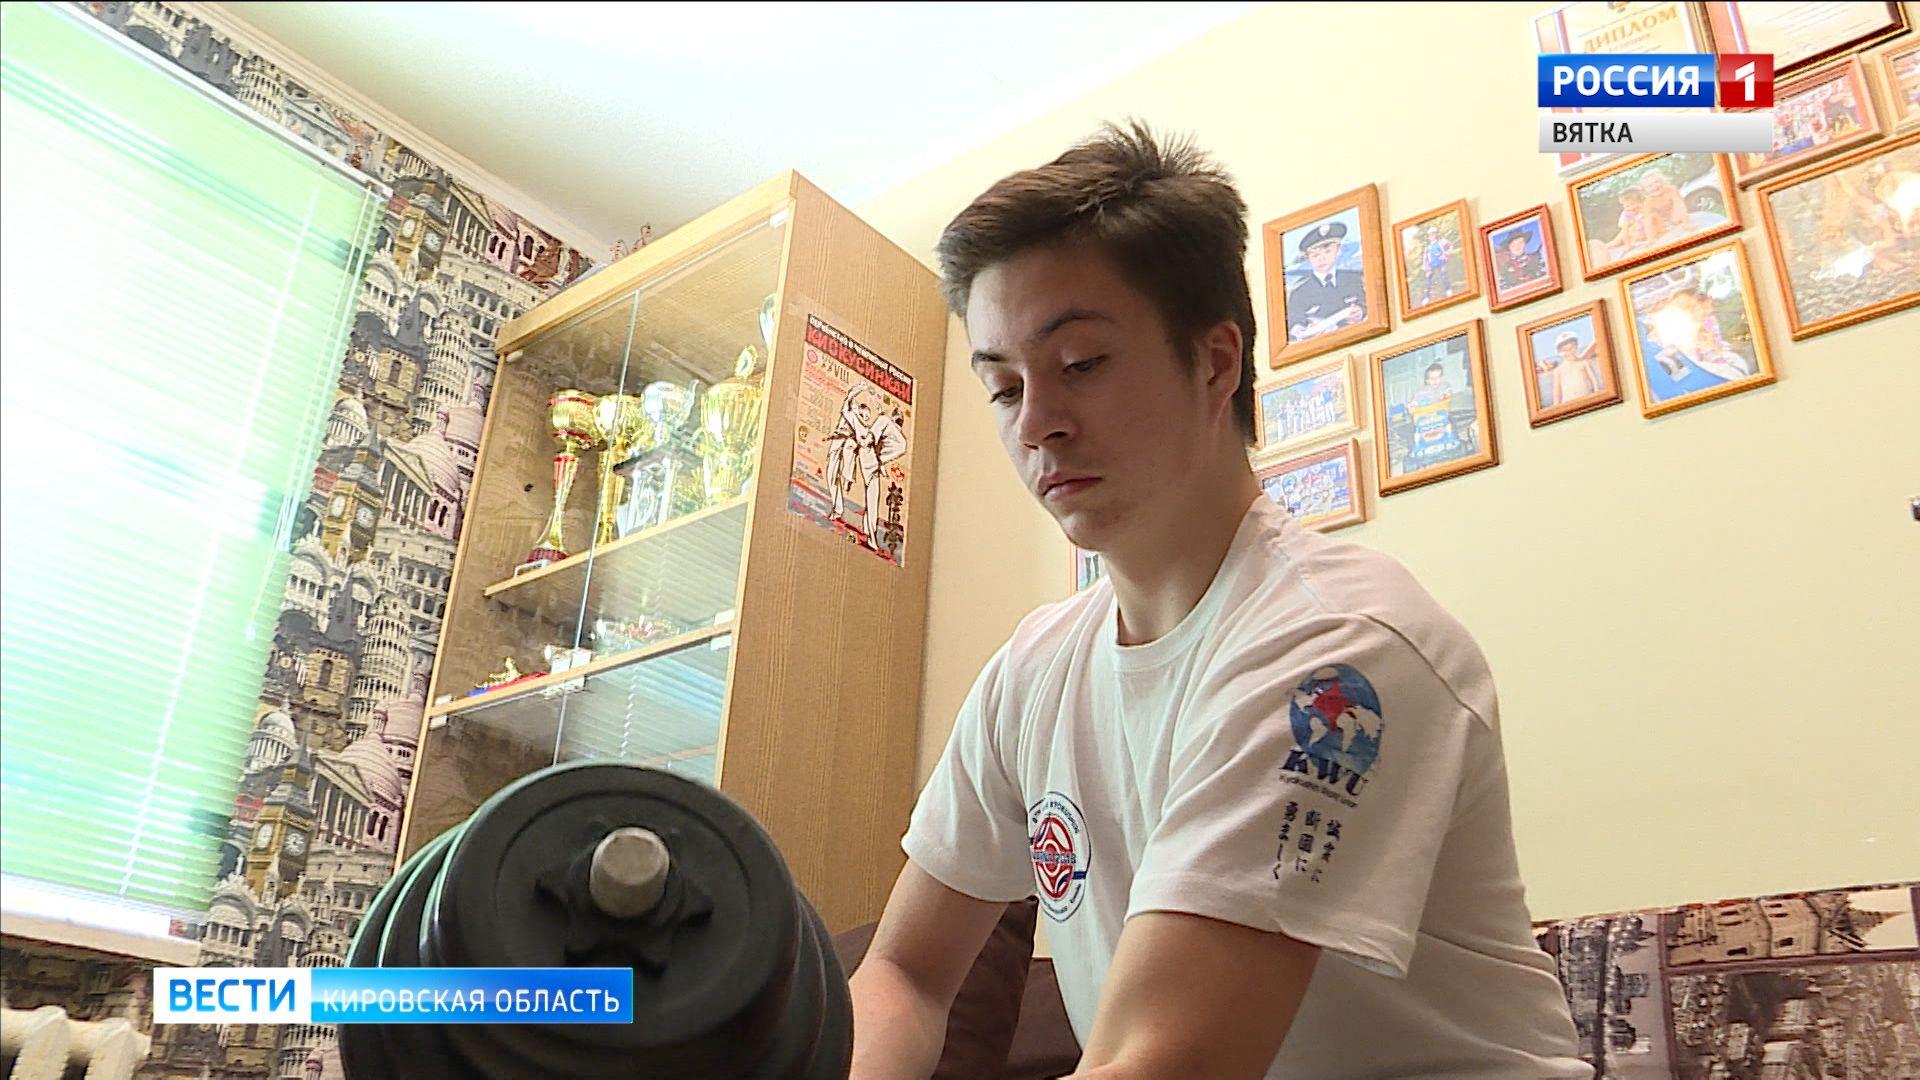 Юные кировские спортсмены вынуждены готовиться к соревнованиям в домашних условиях